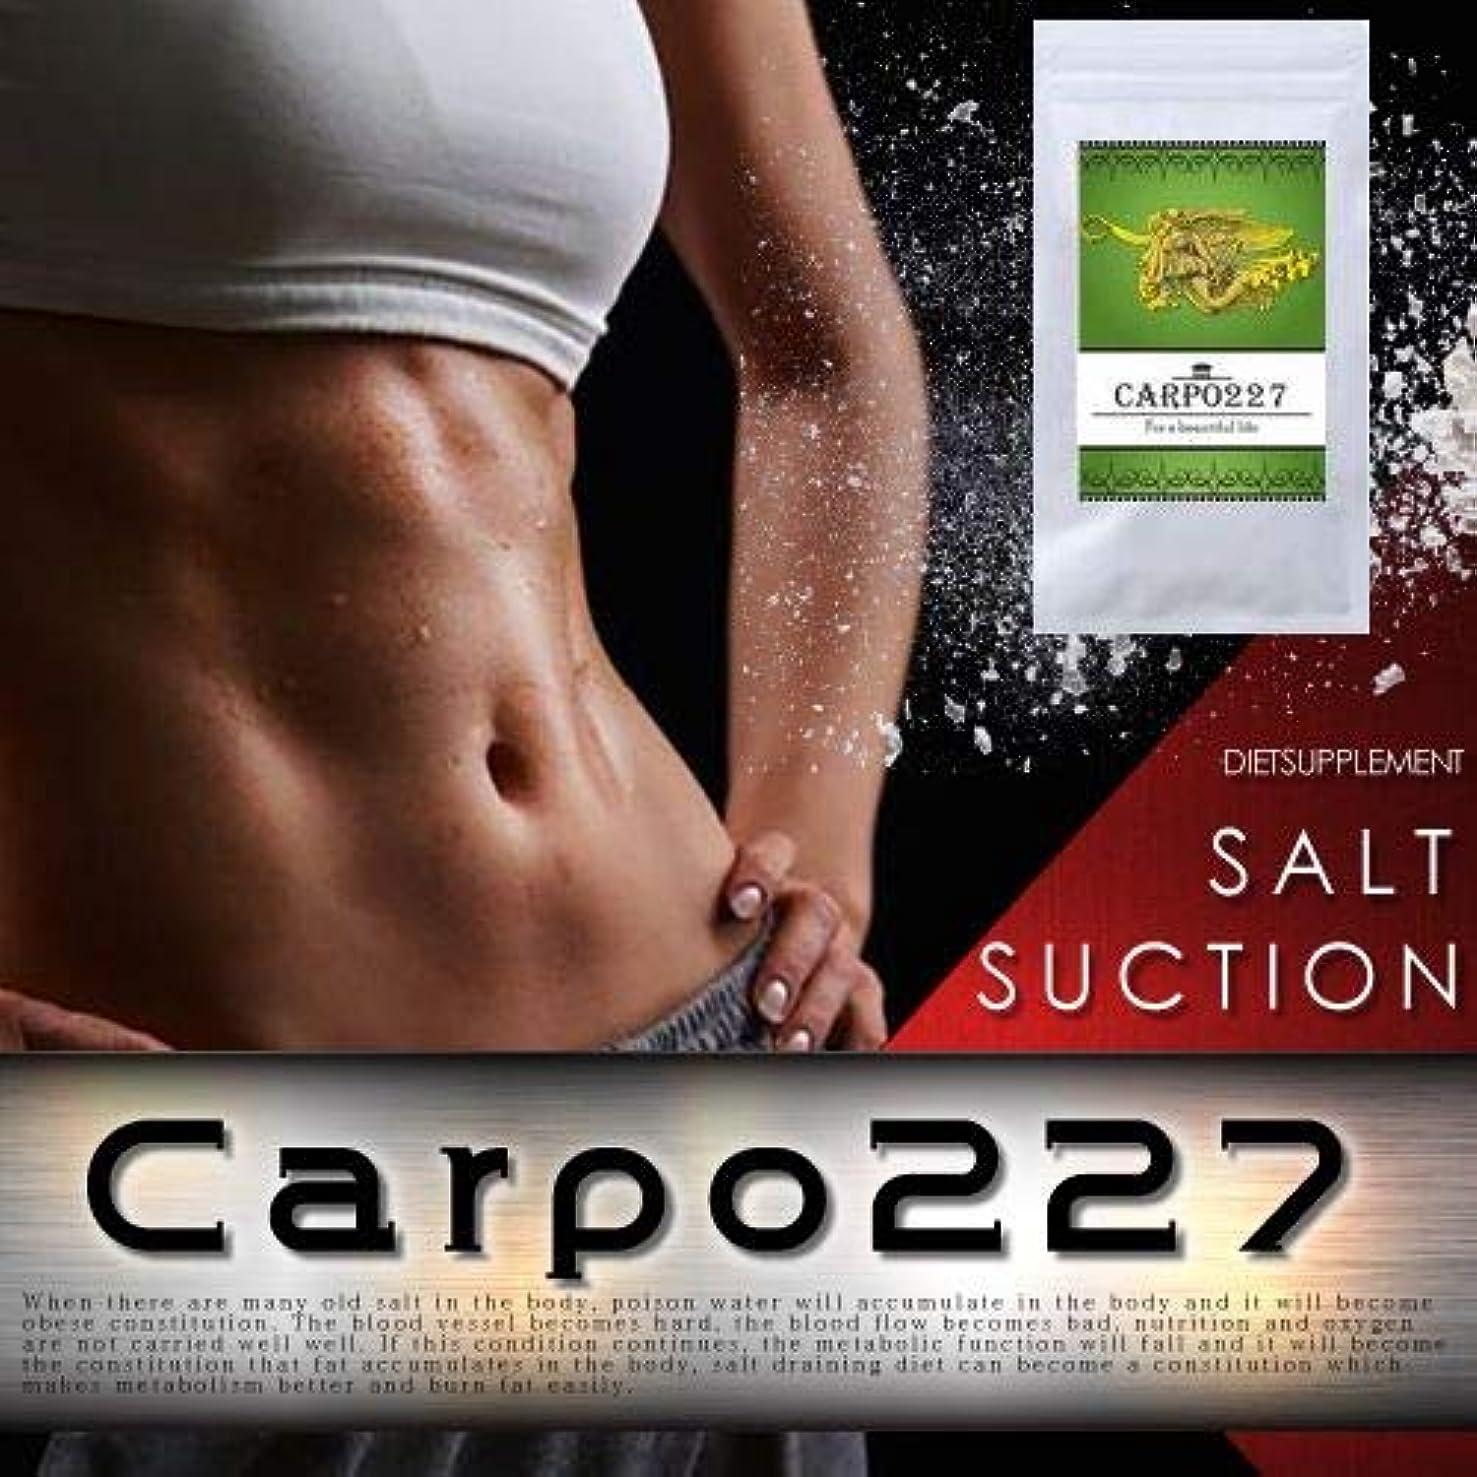 絶望的な衛星消化器Carpo227(カルポ227)